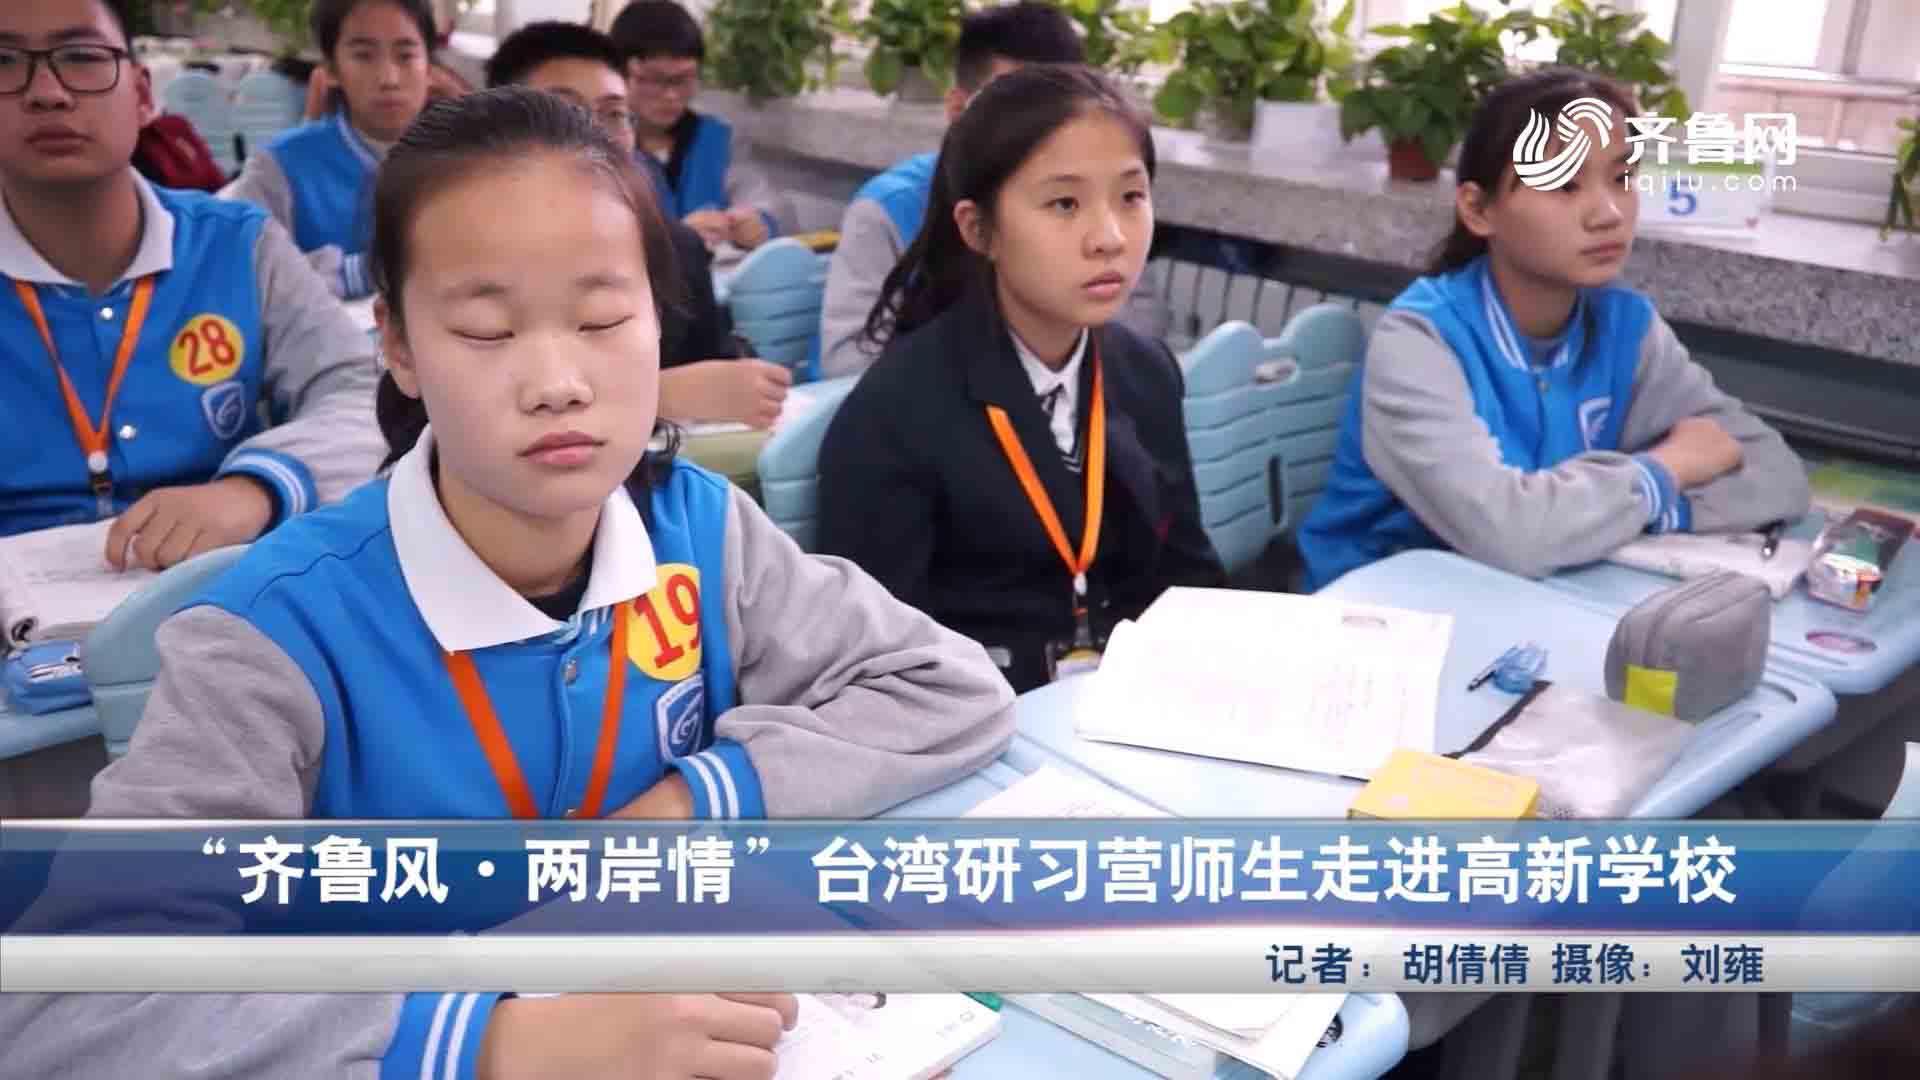 齐鲁风两岸情 台湾研习营师生走进高新学校